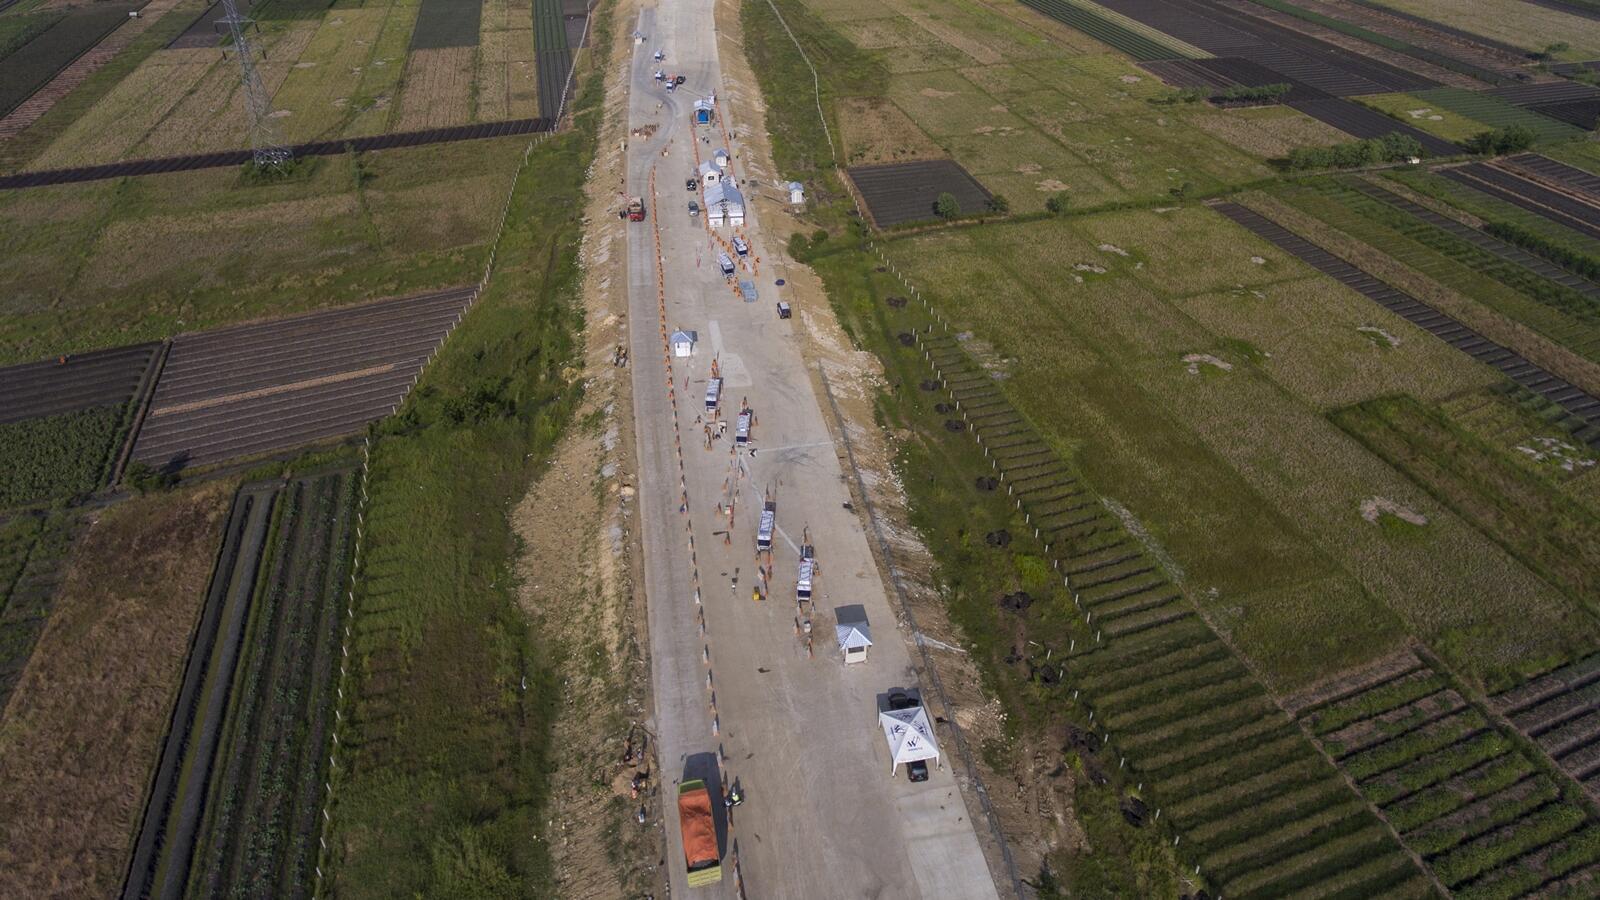 Waskita Targetkan 3 Ruas Jalan Tol Beroperasi Saat Mudik Lebaran